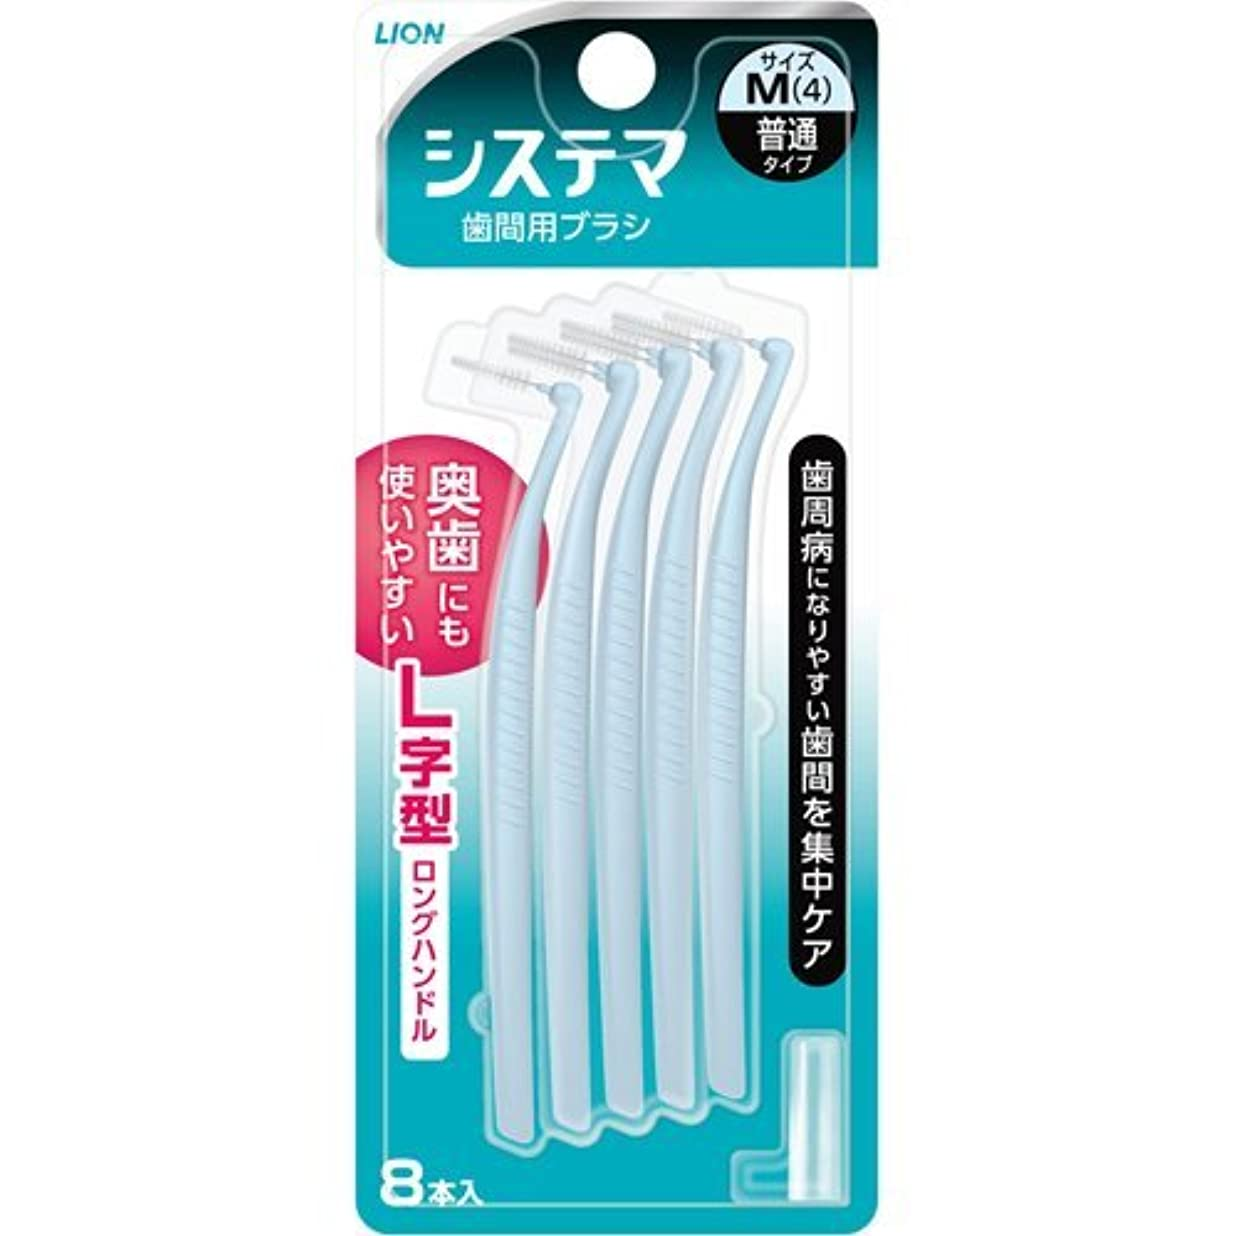 【ライオン】デンターシステマ 歯間用デンタルブラシM8本入り×12個セット